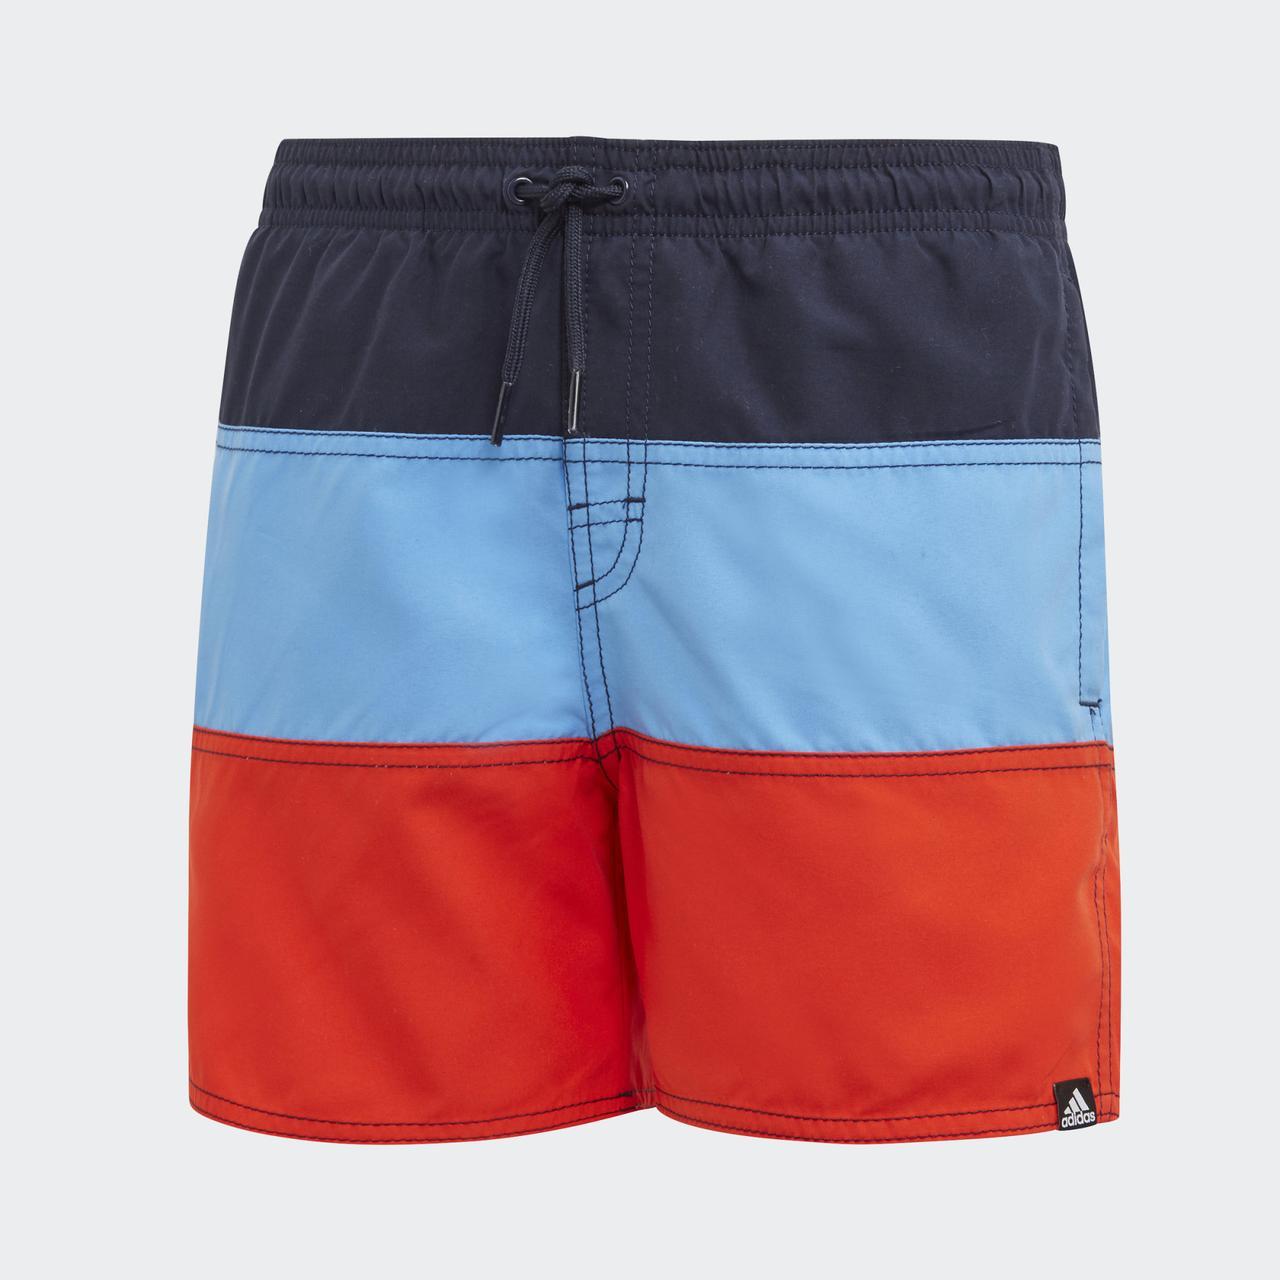 Детские шорты Adidas Performance Colorblock DY6421